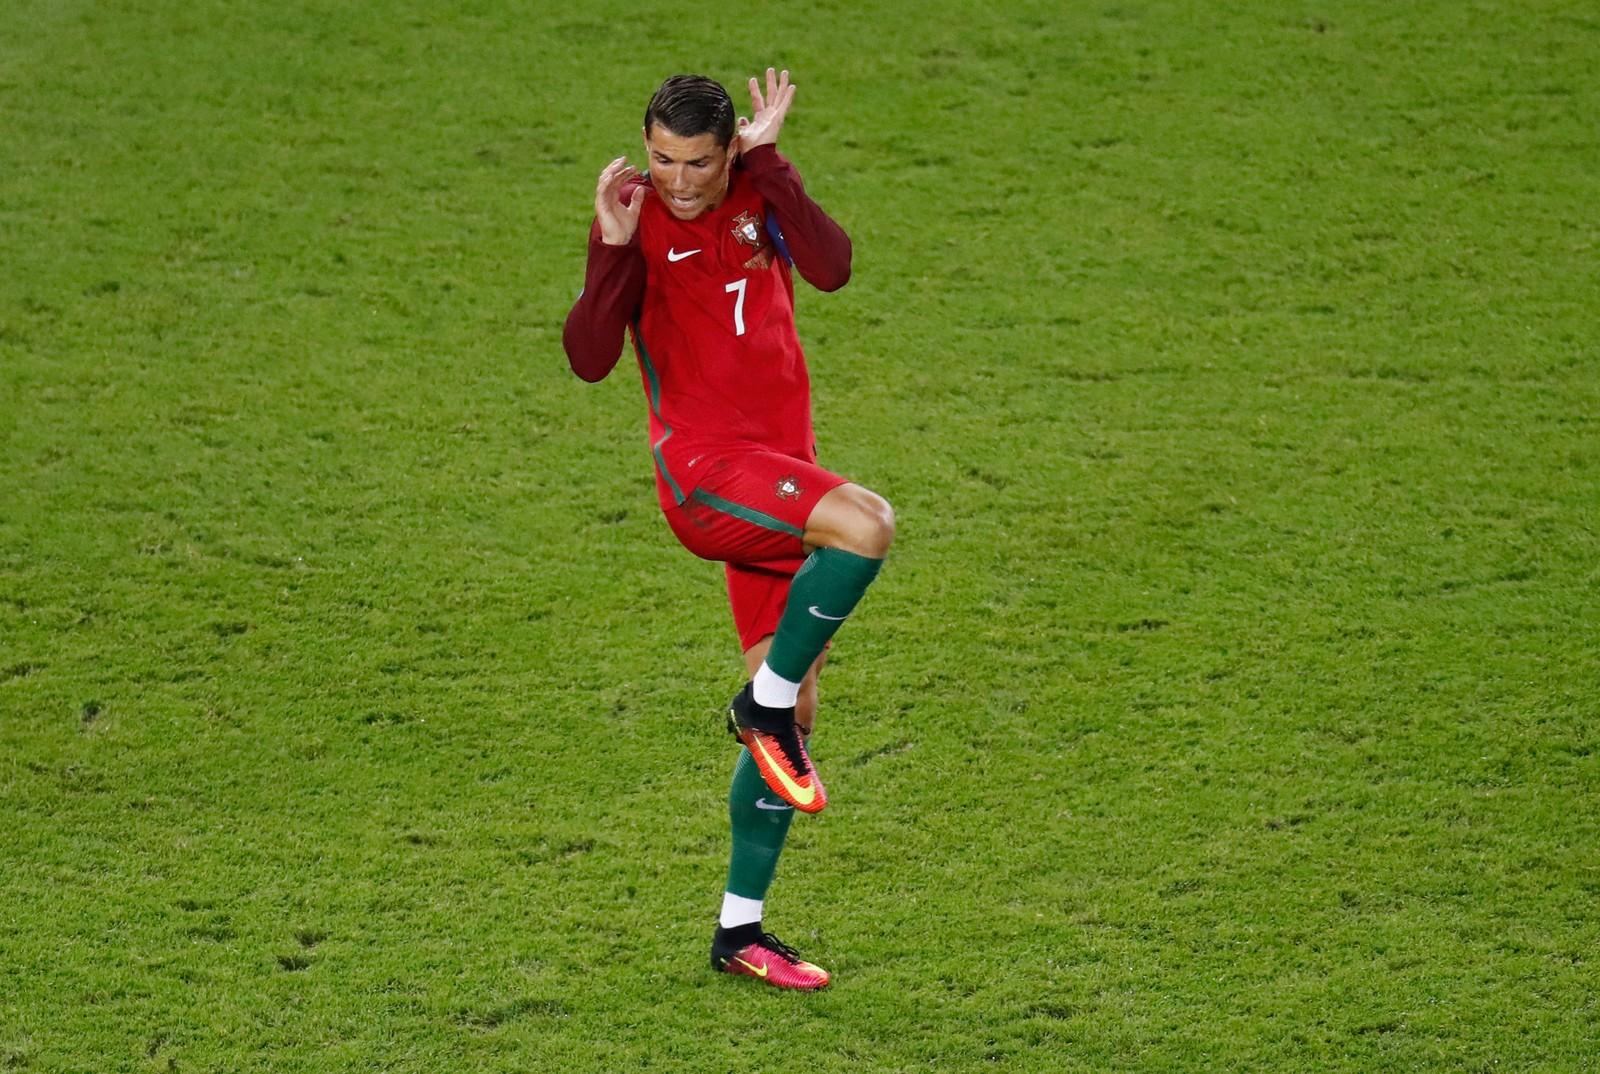 Portugals store stjernespiller Cristiano Ronaldo så et øyeblikk ut som han var redd for ballen under EM-kampen i gruppe F mellom Portugal og Østerrike på Parc des Princes i Paris. Kampen endte 0-0.